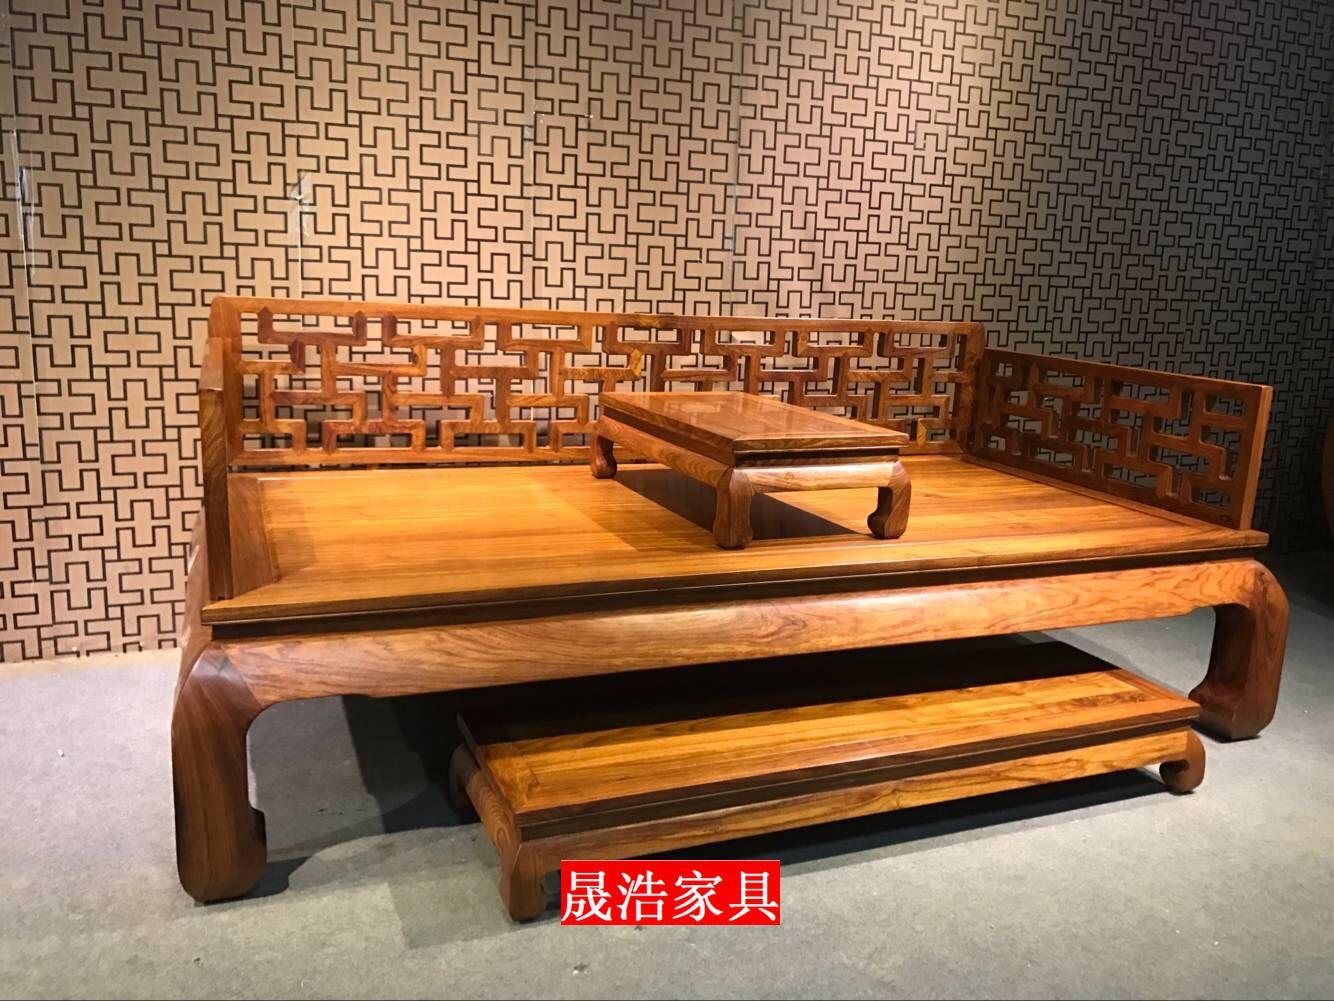 ハリネズミ紫檀万字羅漢ベッドの3点セット木造リビングソファベッド羅漢畳も貴妃があり